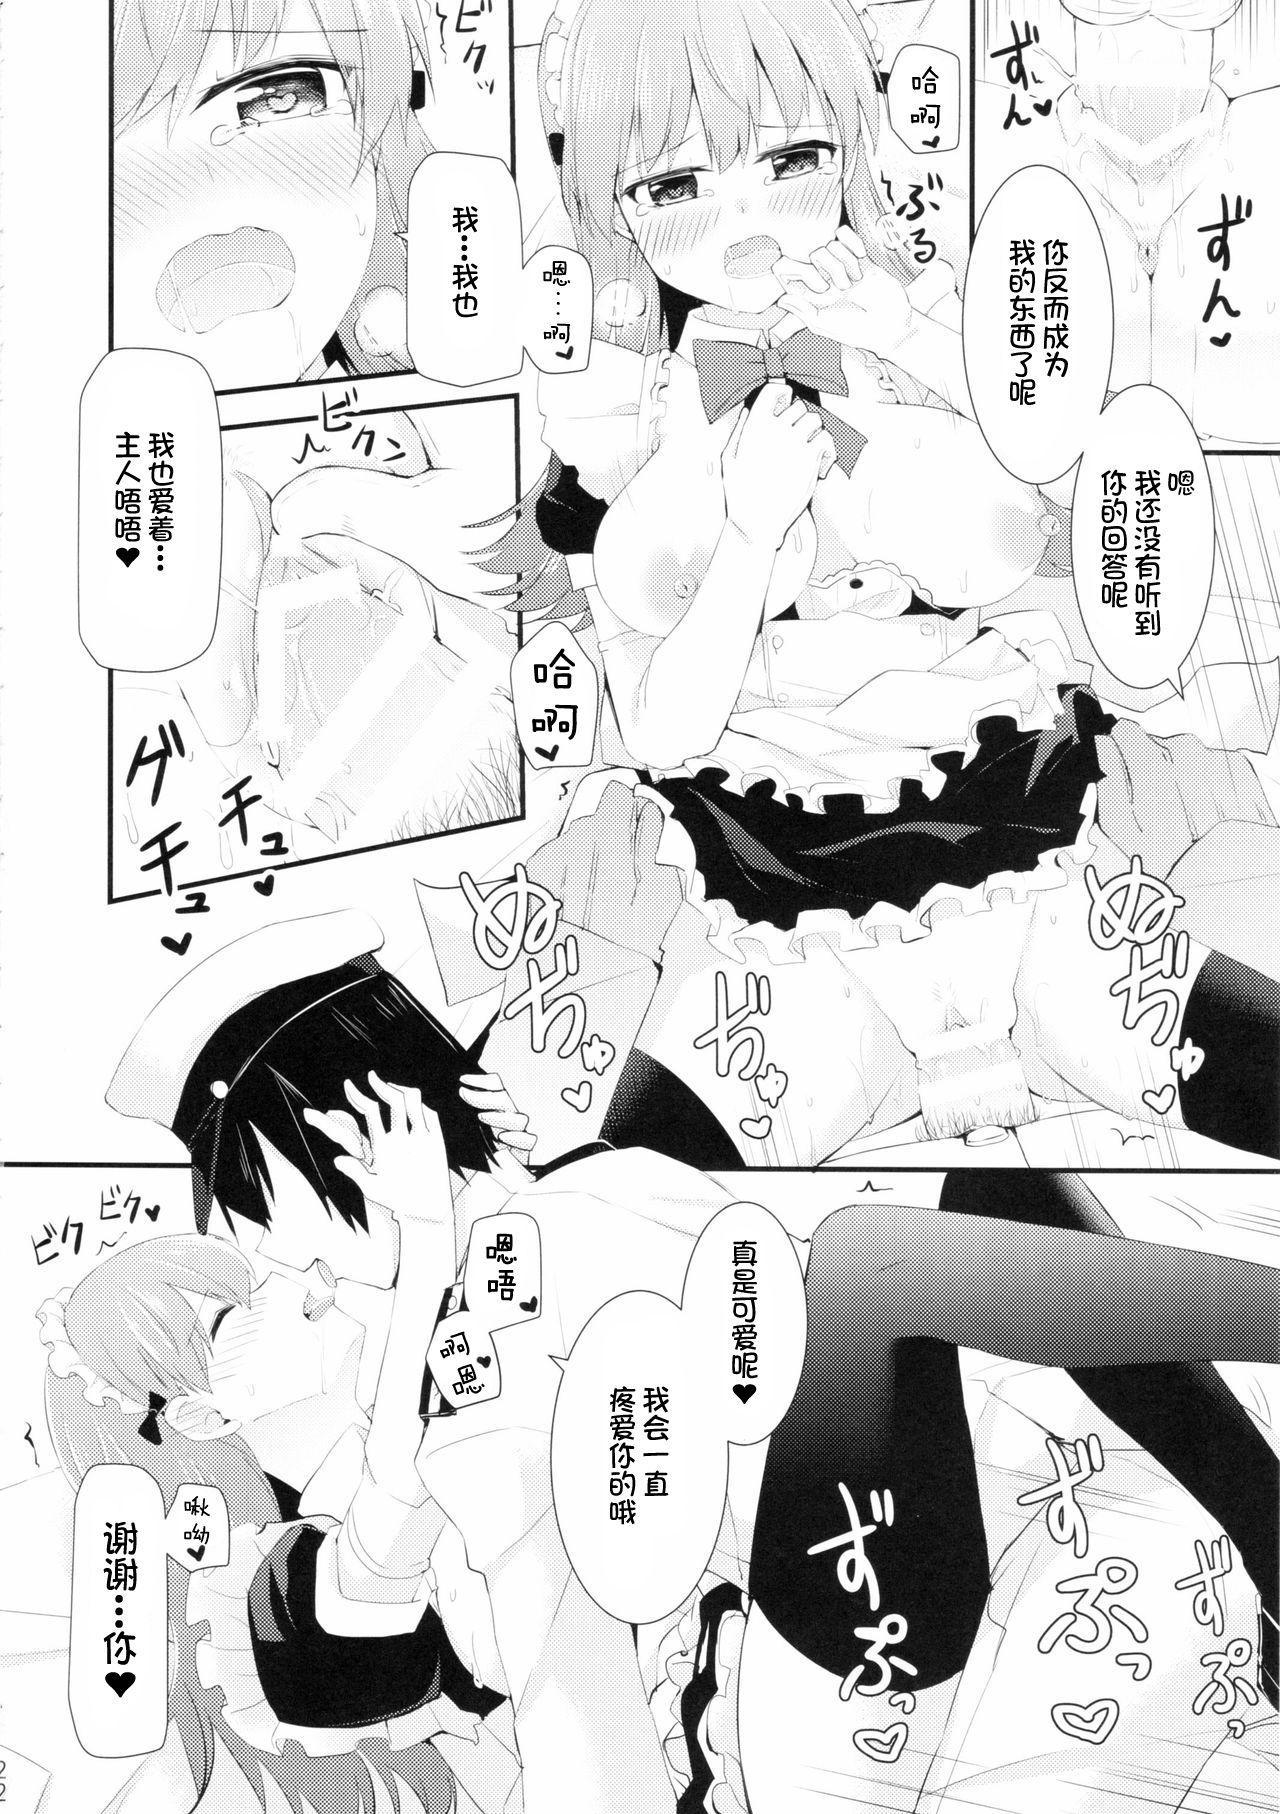 Ooi! Maid Fuku o Kite miyou! 23